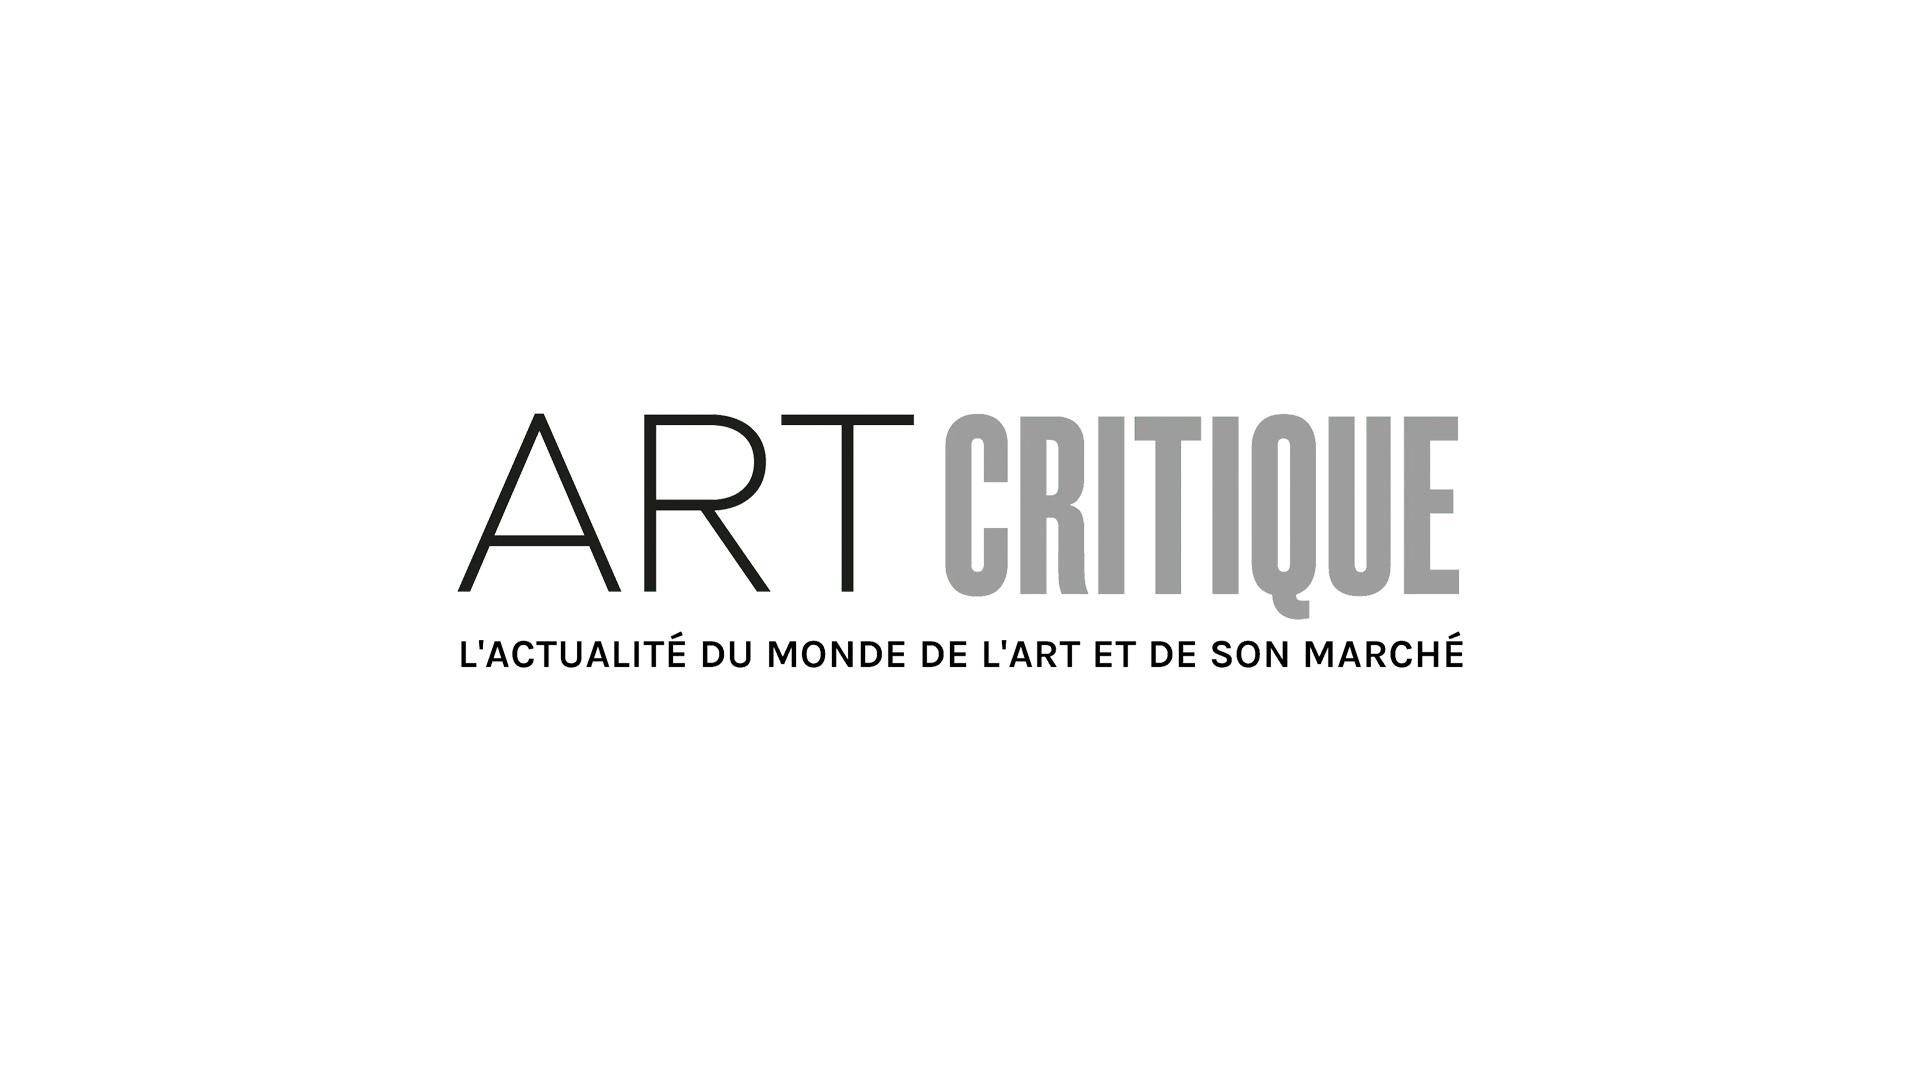 Un record mondial de vente aux enchères pour Phillips